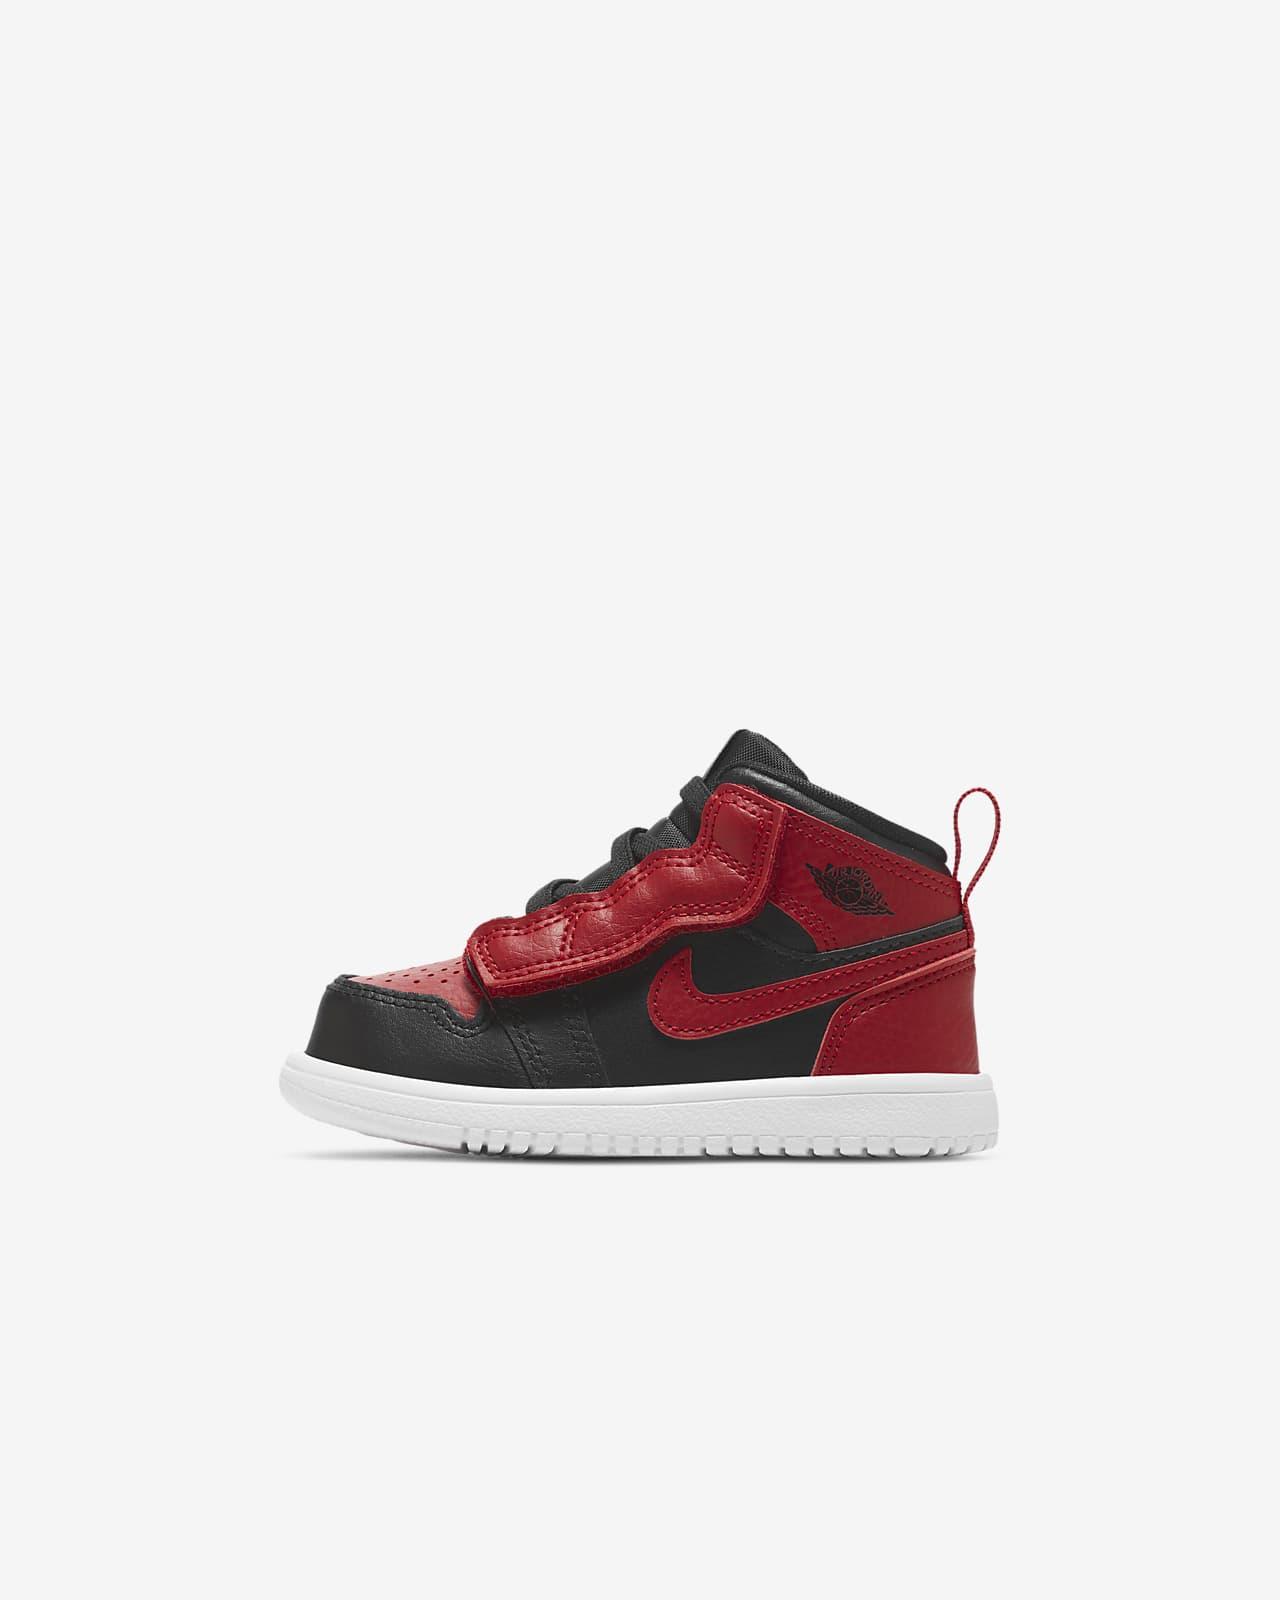 Jordan 1 Mid Schuh für Babys und Kleinkinder